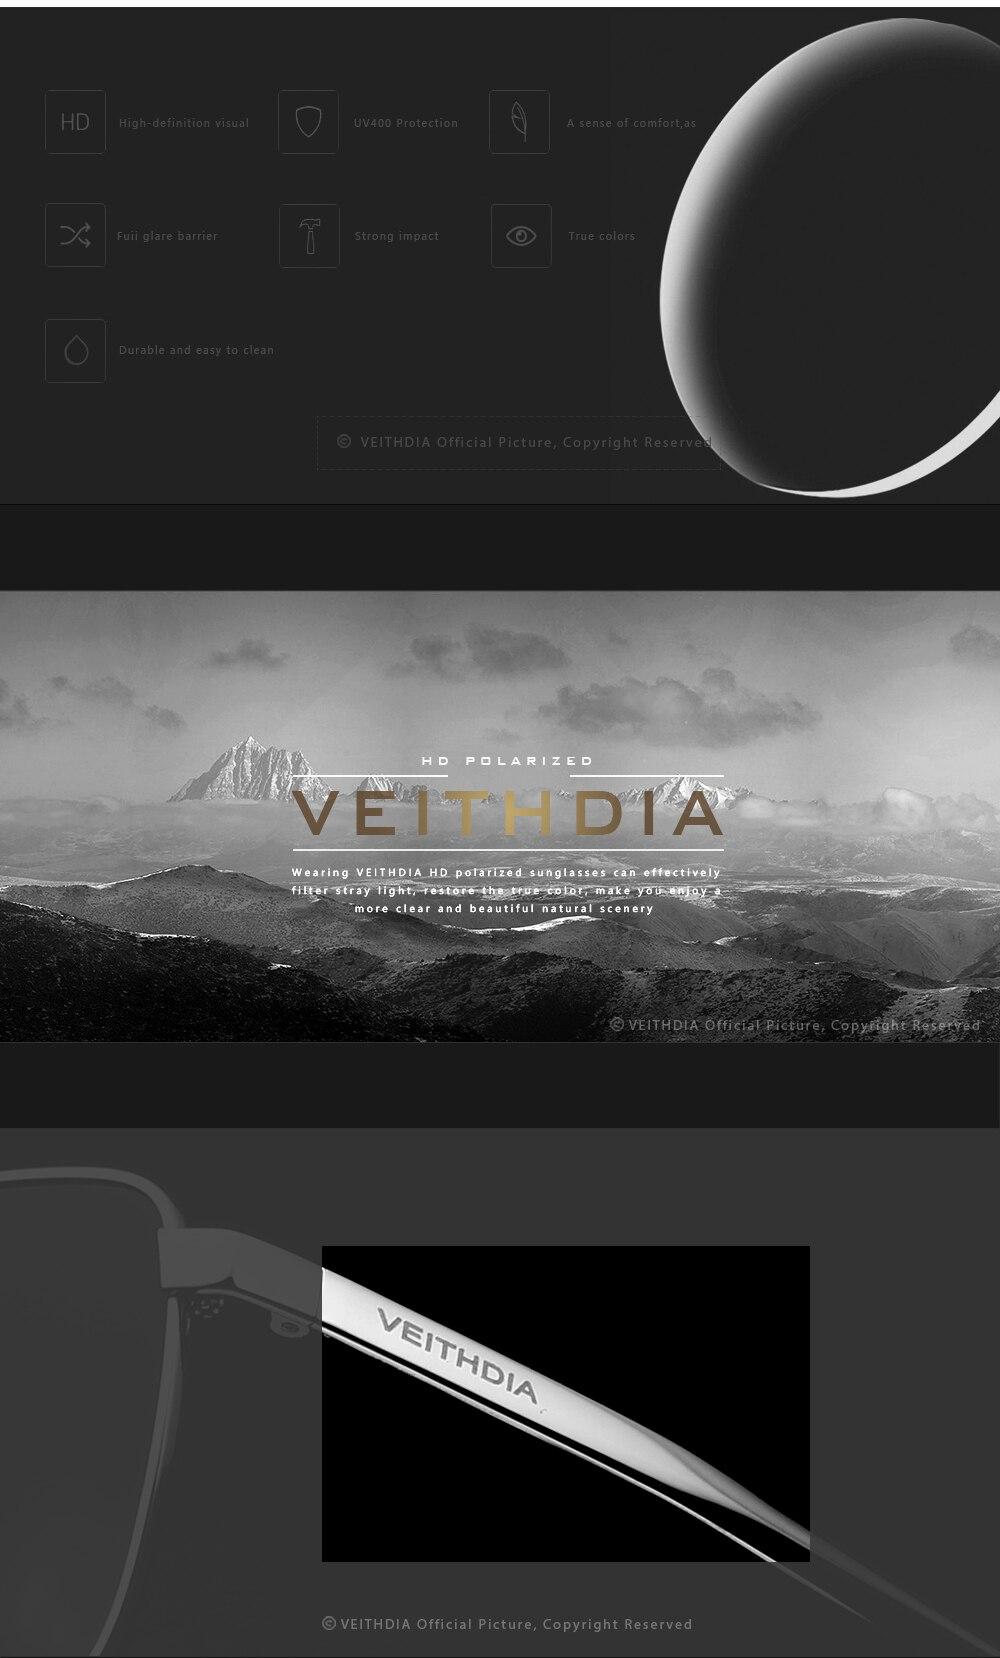 VEITHDIA V2462 Reviews 7